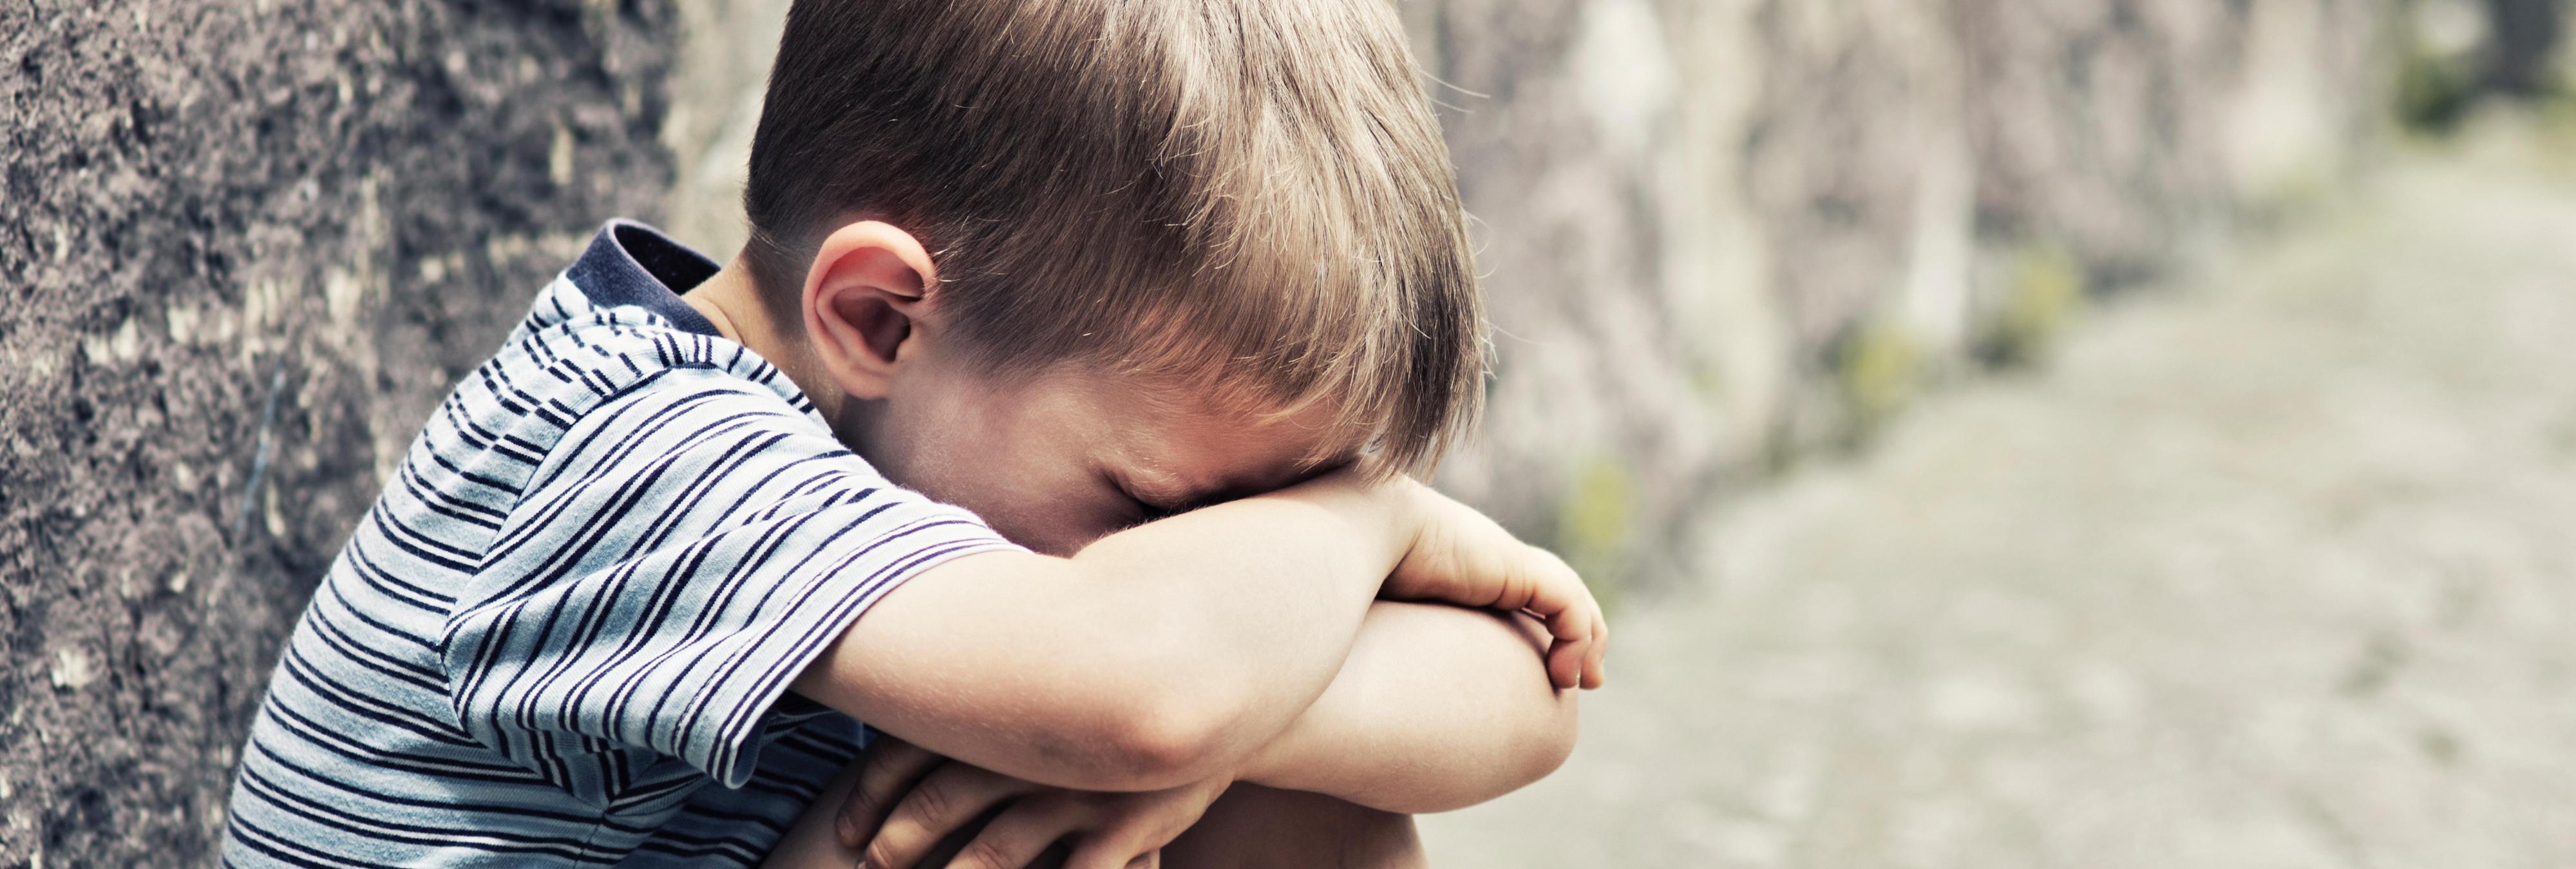 Hallado muerto un niño de cinco años al que su padre obligó a correr semidesnudo por hacerse pis en la cama